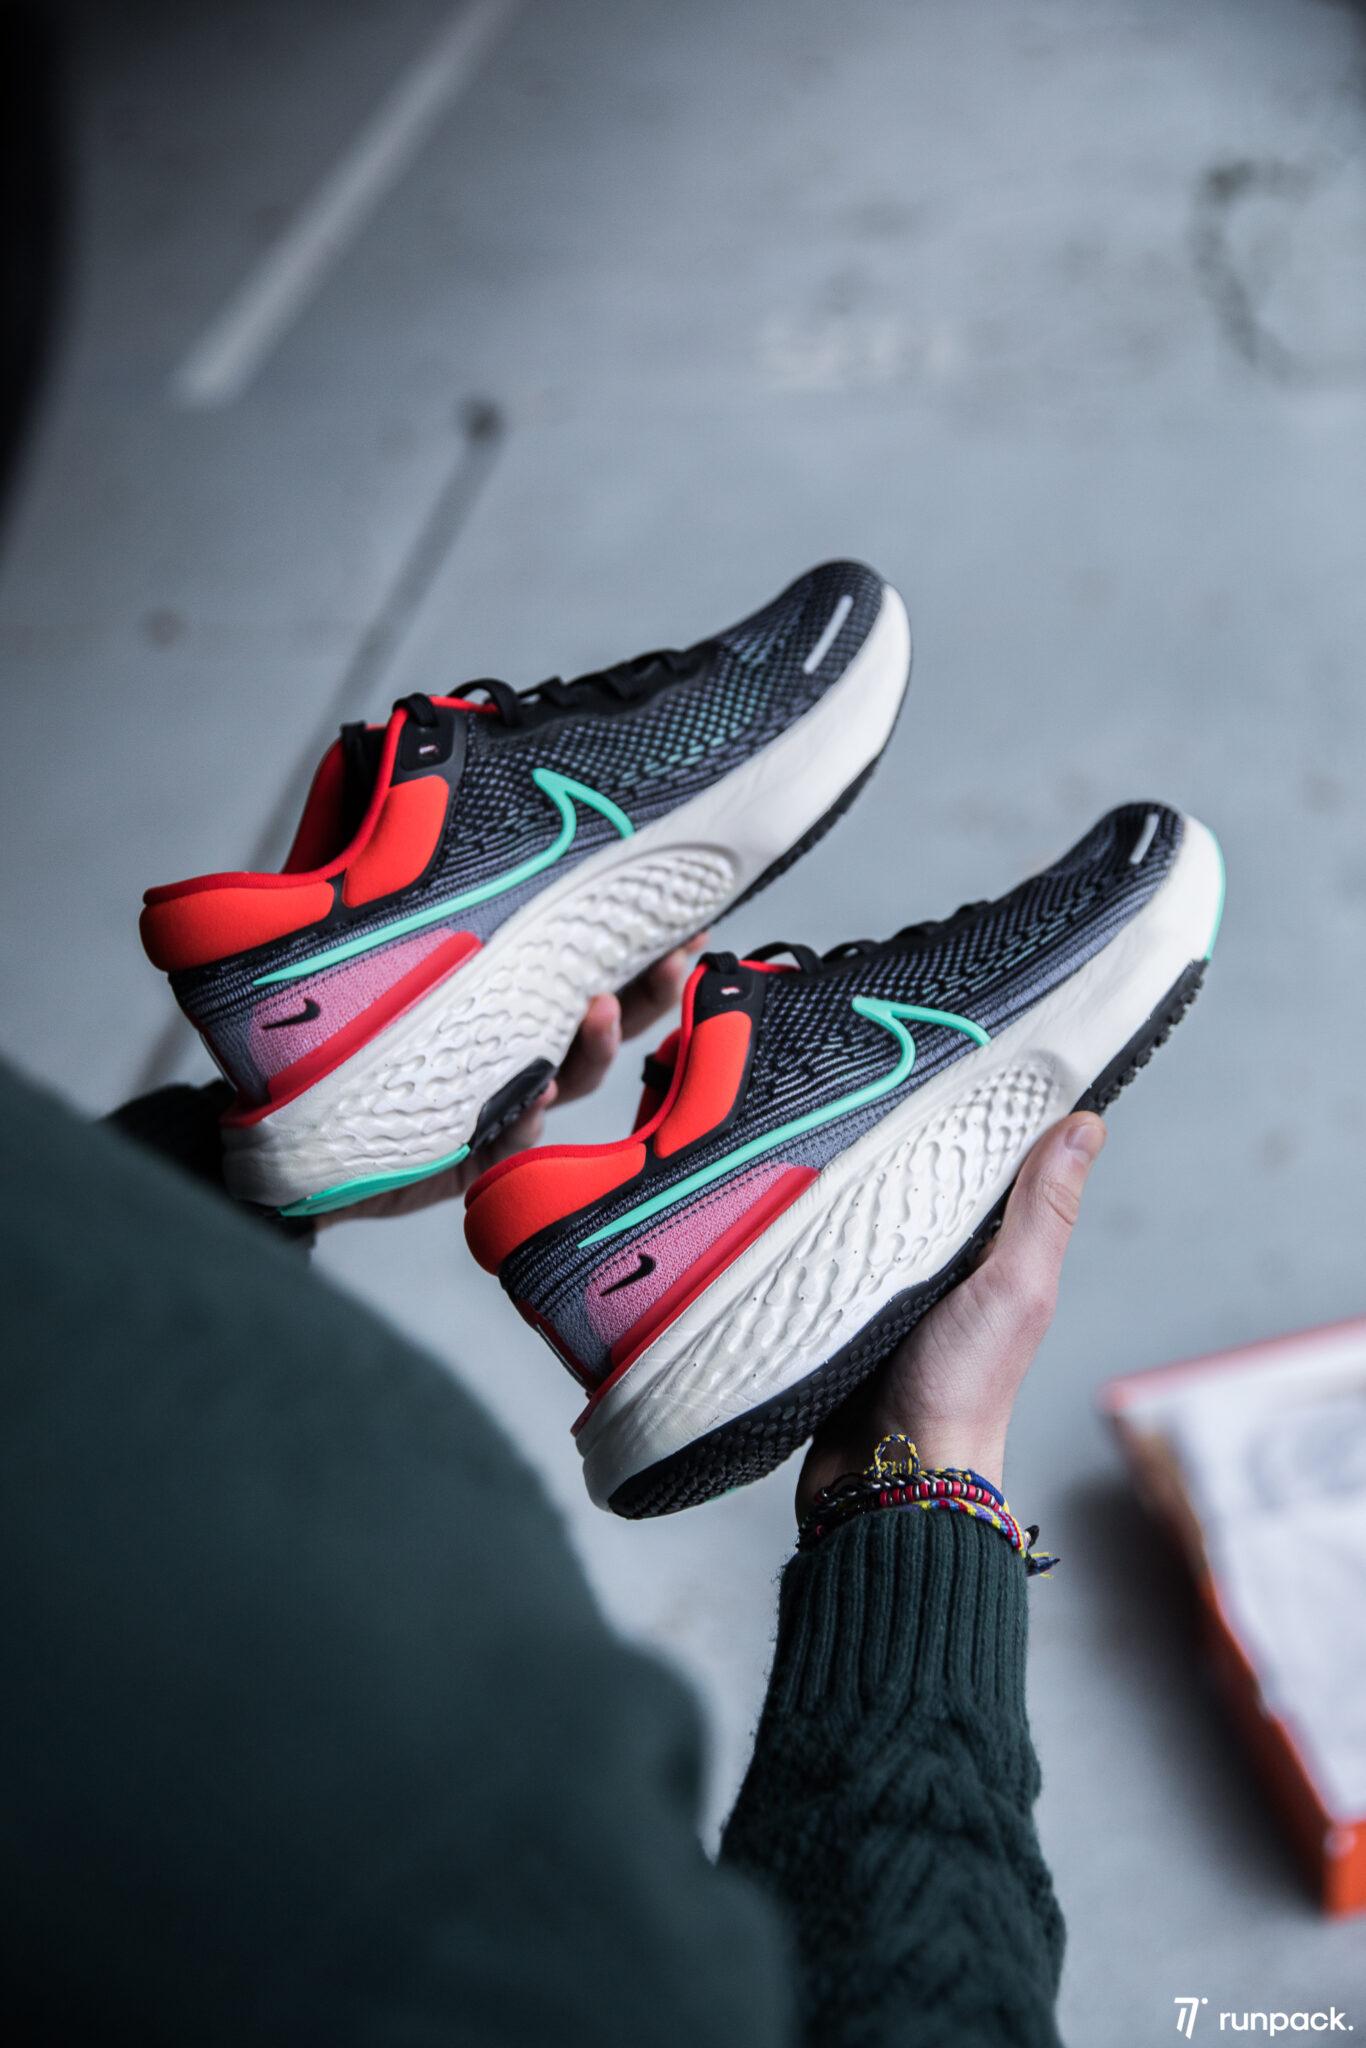 nike zoomx invincible run chaussures running runpack 6